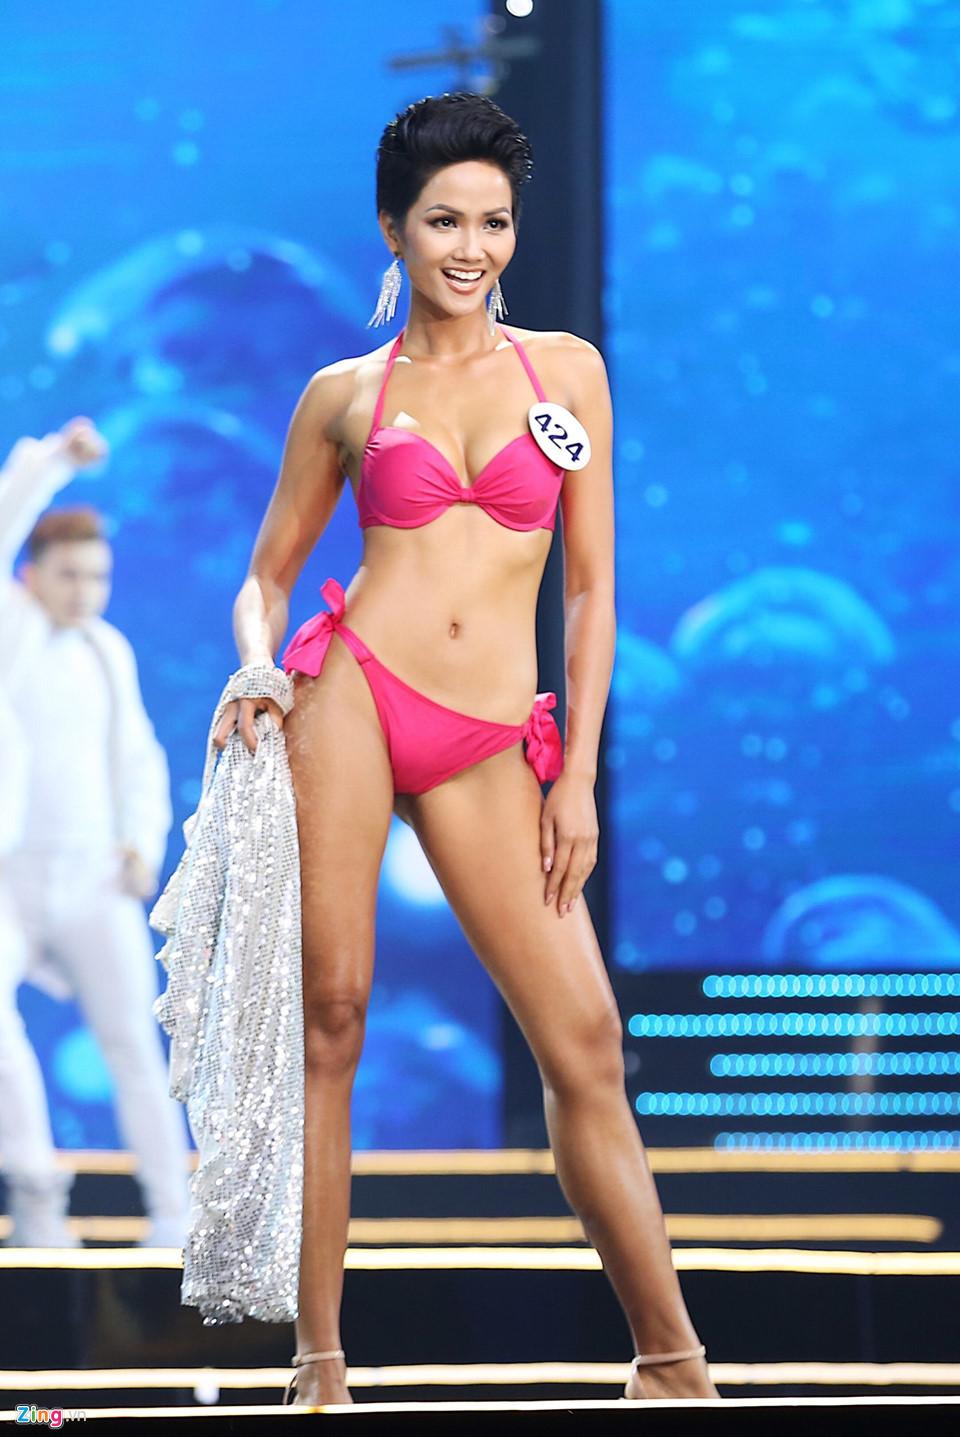 Khi tân Hoa hậu Hoàn vũ Việt Nam bị sỉ nhục vì màu da nâu - Ảnh 2